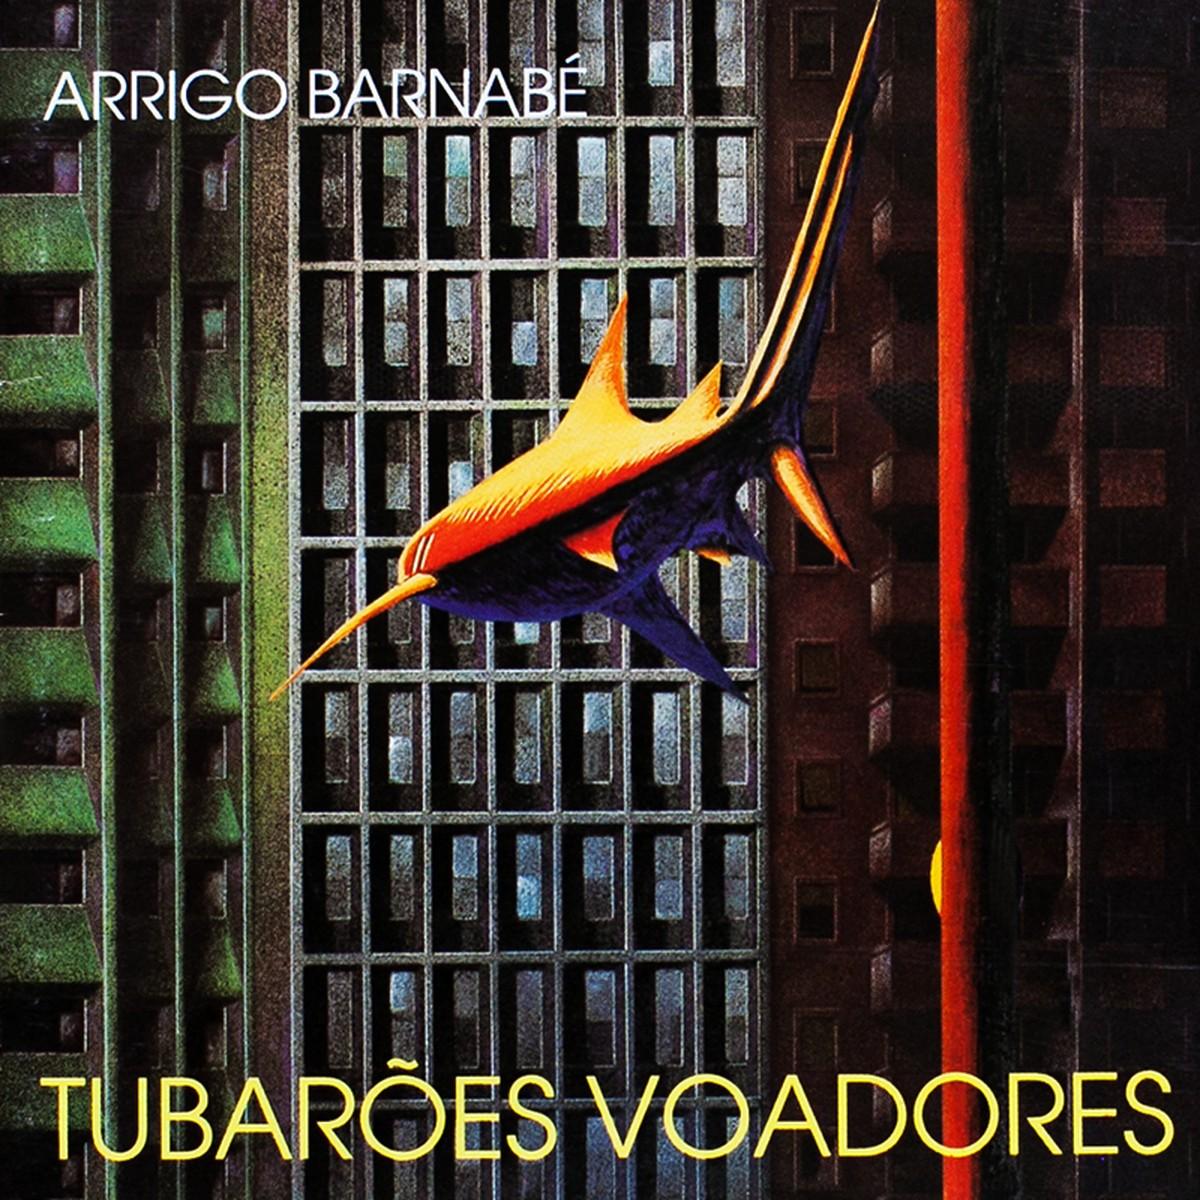 Discos para descobrir em casa – 'Tubarões voadores', Arrigo Barnabé, 1984 | Blog do Mauro Ferreira